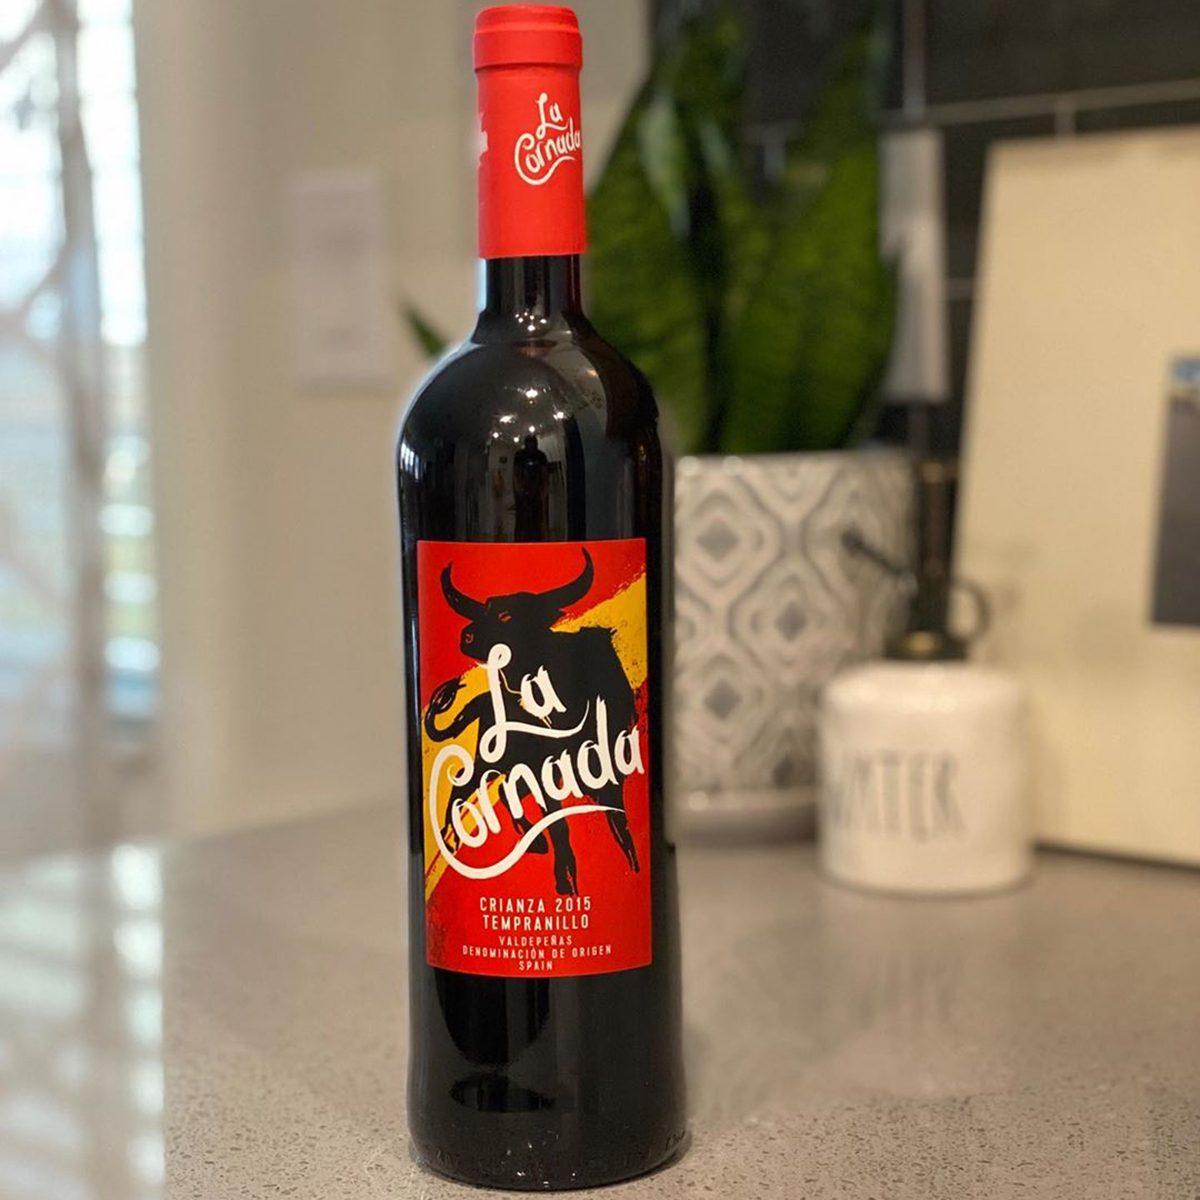 La Cornada Crianza Tempranillo aldi wine